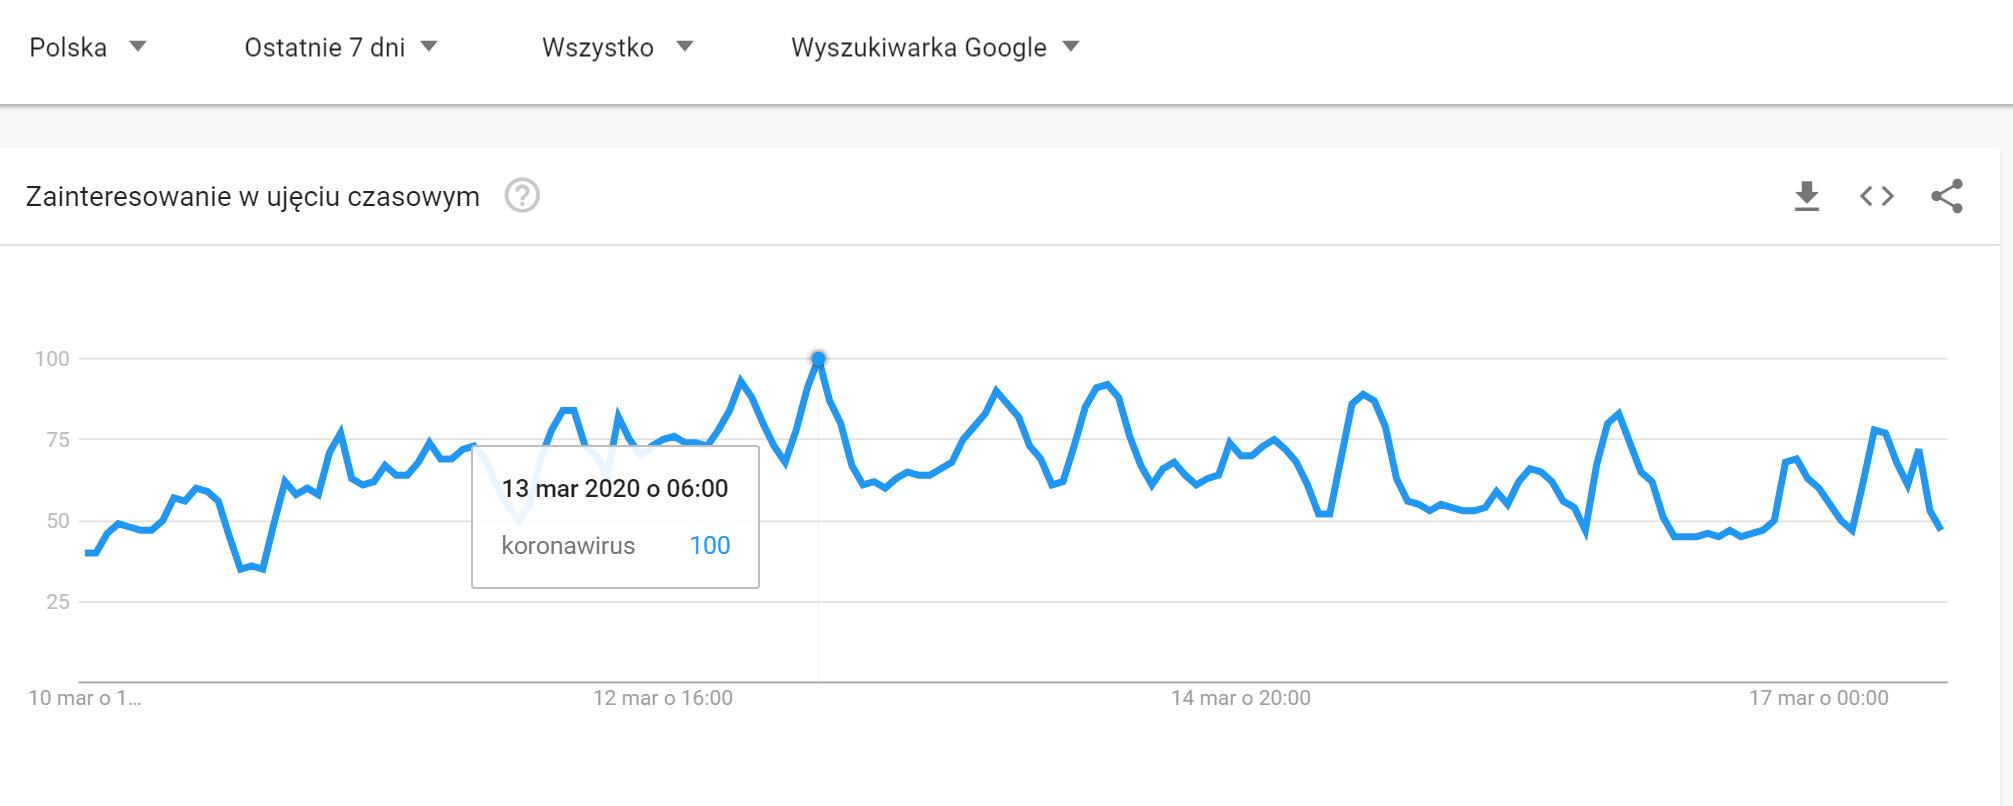 jak Polacy szukają informacji o koronawirusie w Google 4